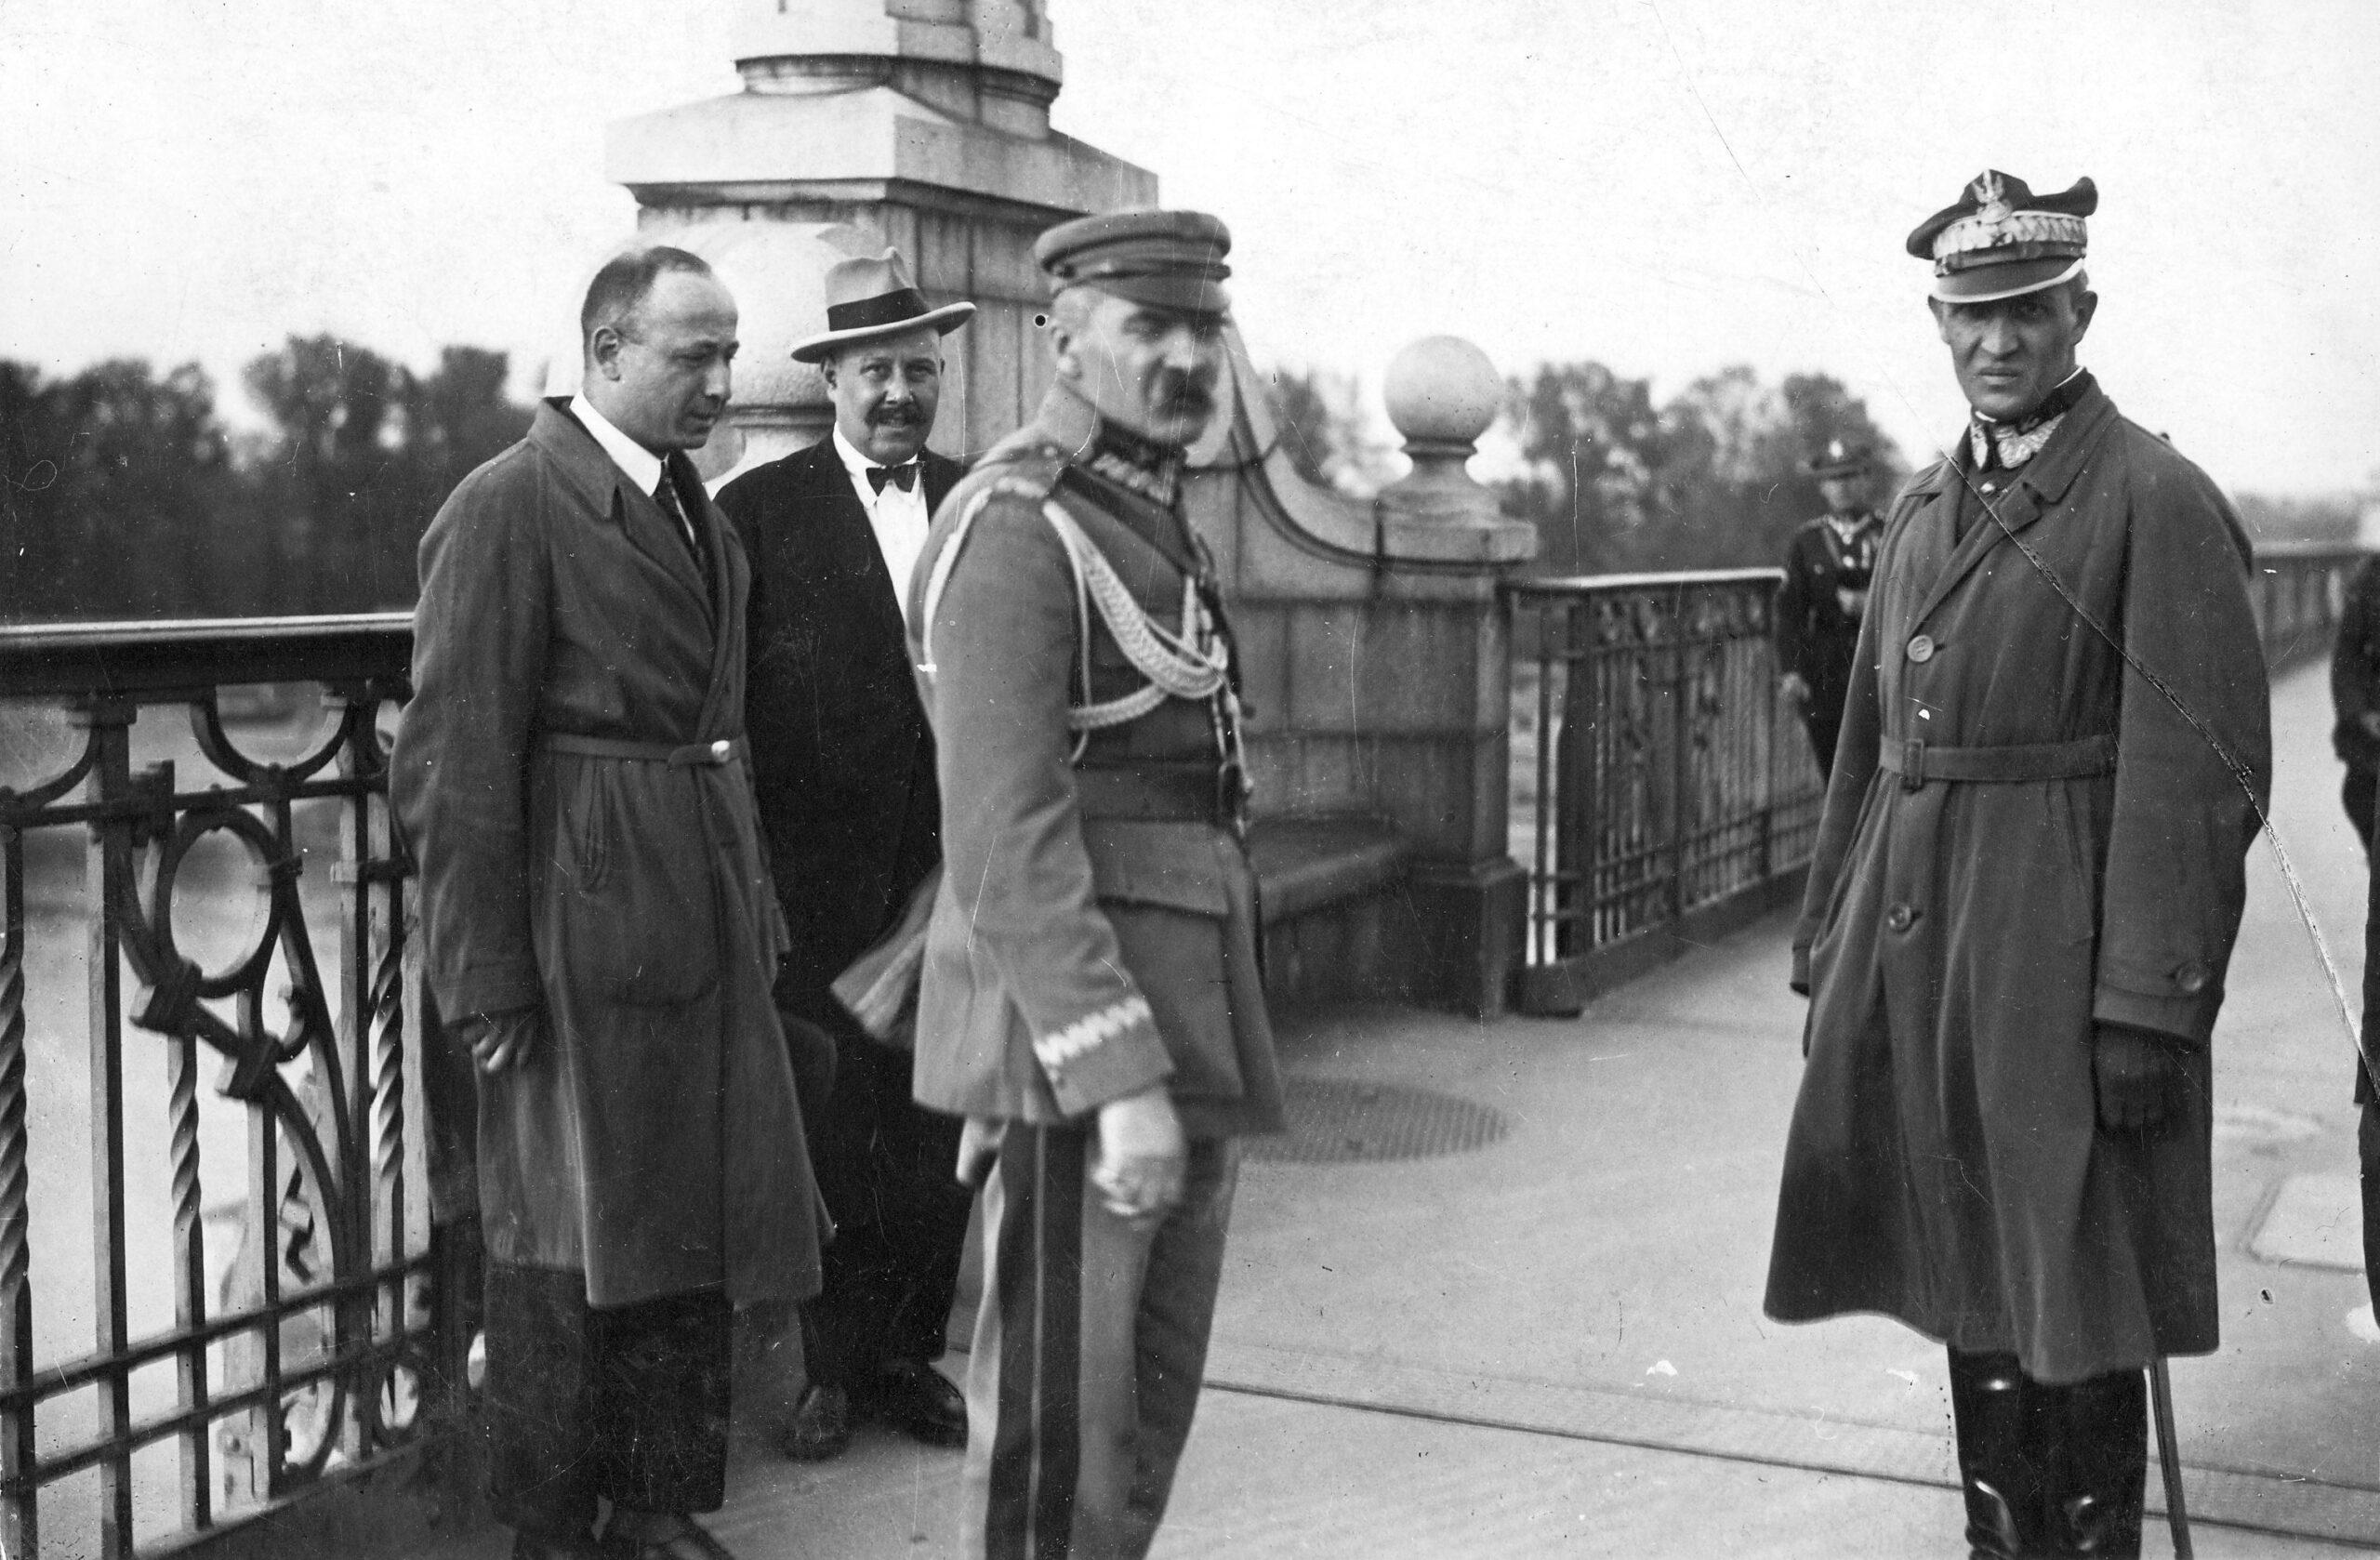 Marszałek Józef Piłsudski (środek) i generał Gustaw Orlicz-Dreszer (po prawej) na Moście Poniatowskiego w Warszawie, przed rozmową z prezydentem Stanisławem Wojciechowskim, podczas Przewrotu Majowego 12 maja 1926 r.